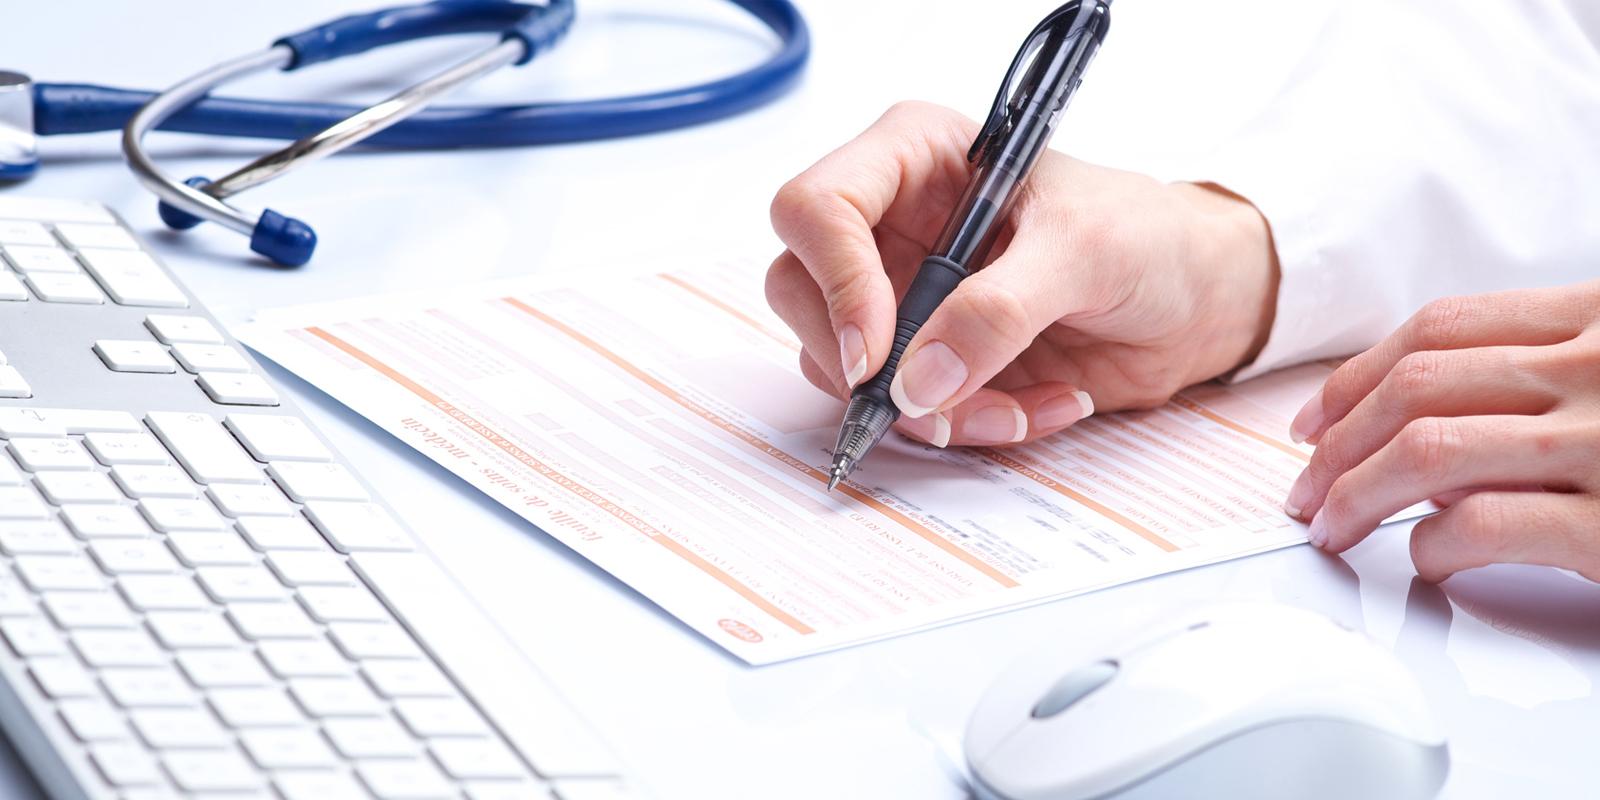 Pour quelles raisons devriez-vous souscrire à une mutuelle de santé, et comment faire ?